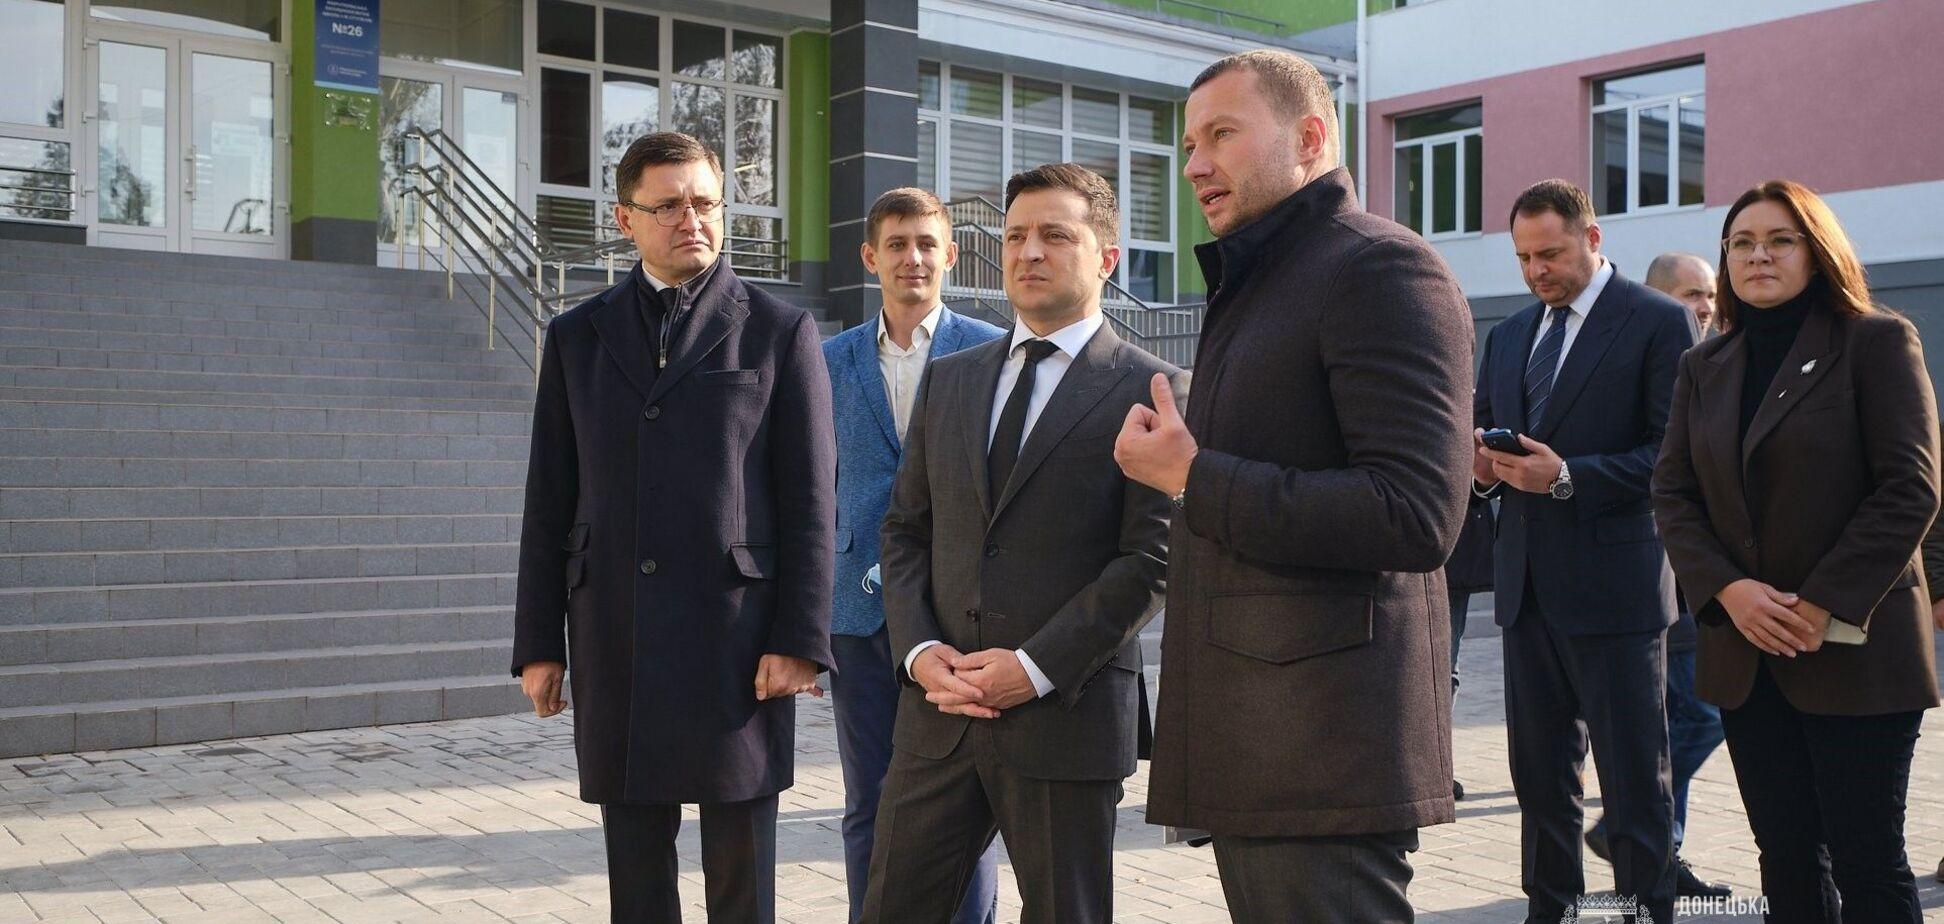 Зеленський відвідав загальноосвітню школу №26 у Маріуполі